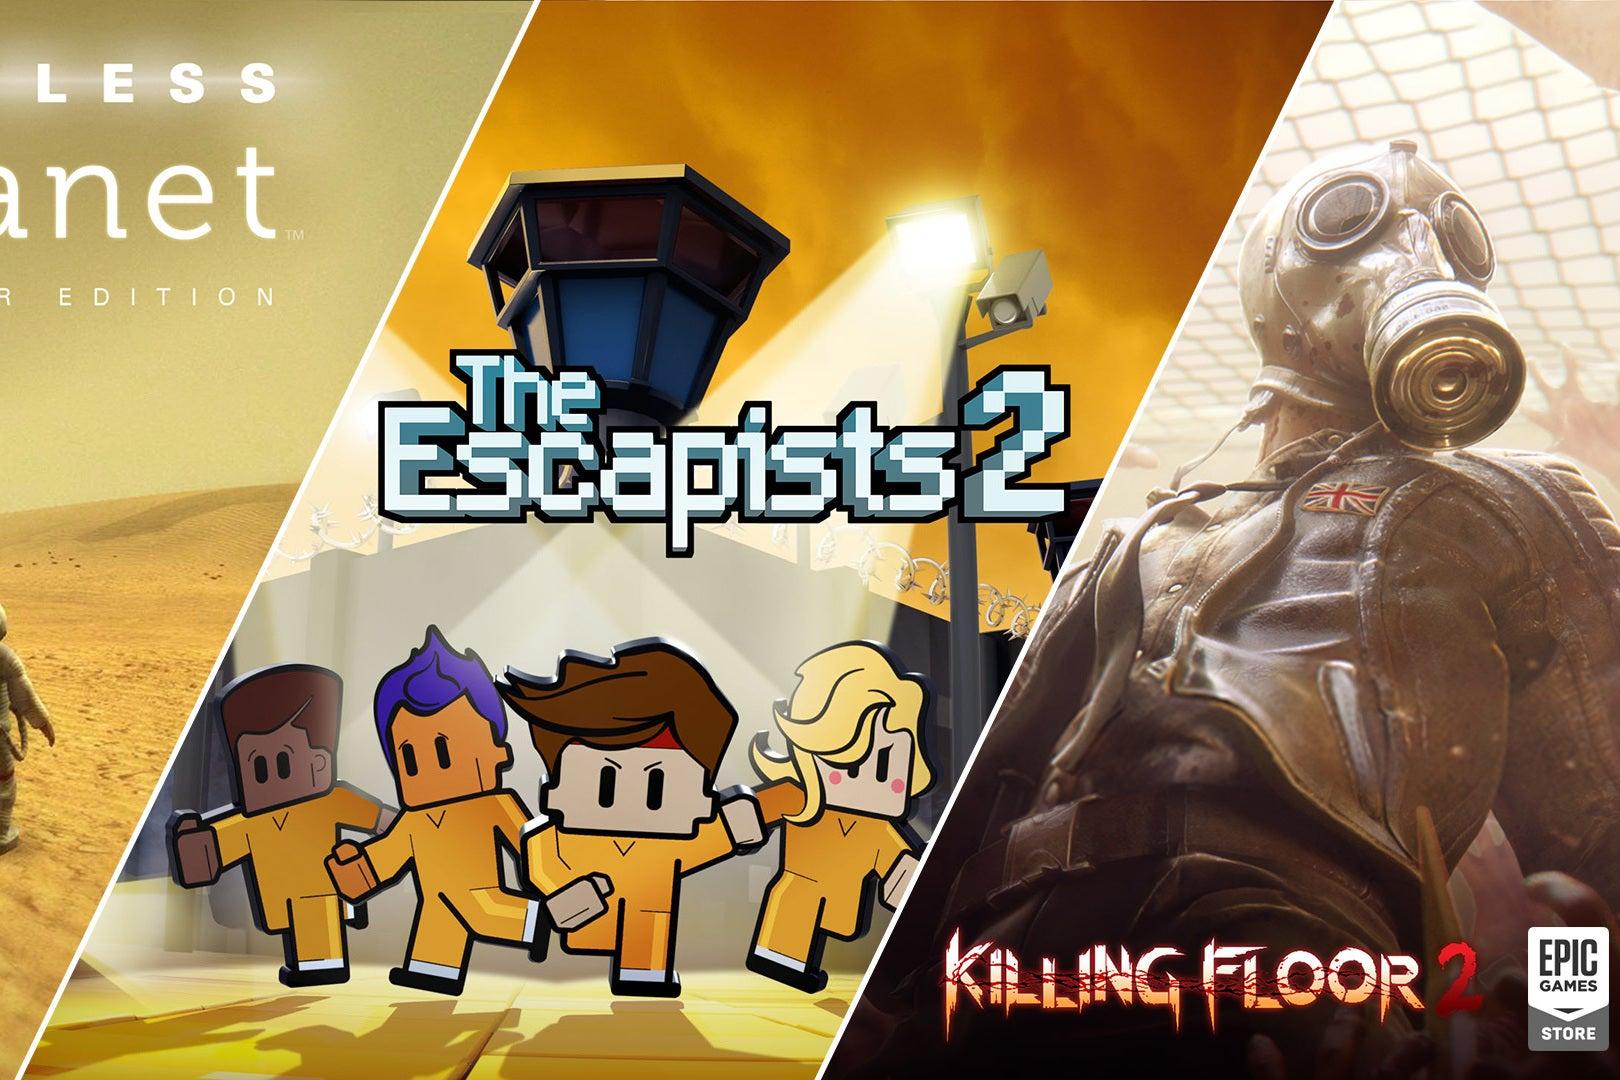 Epic Games Store - The Escapists 2, Killing Floor 2 et Lifeless Planet